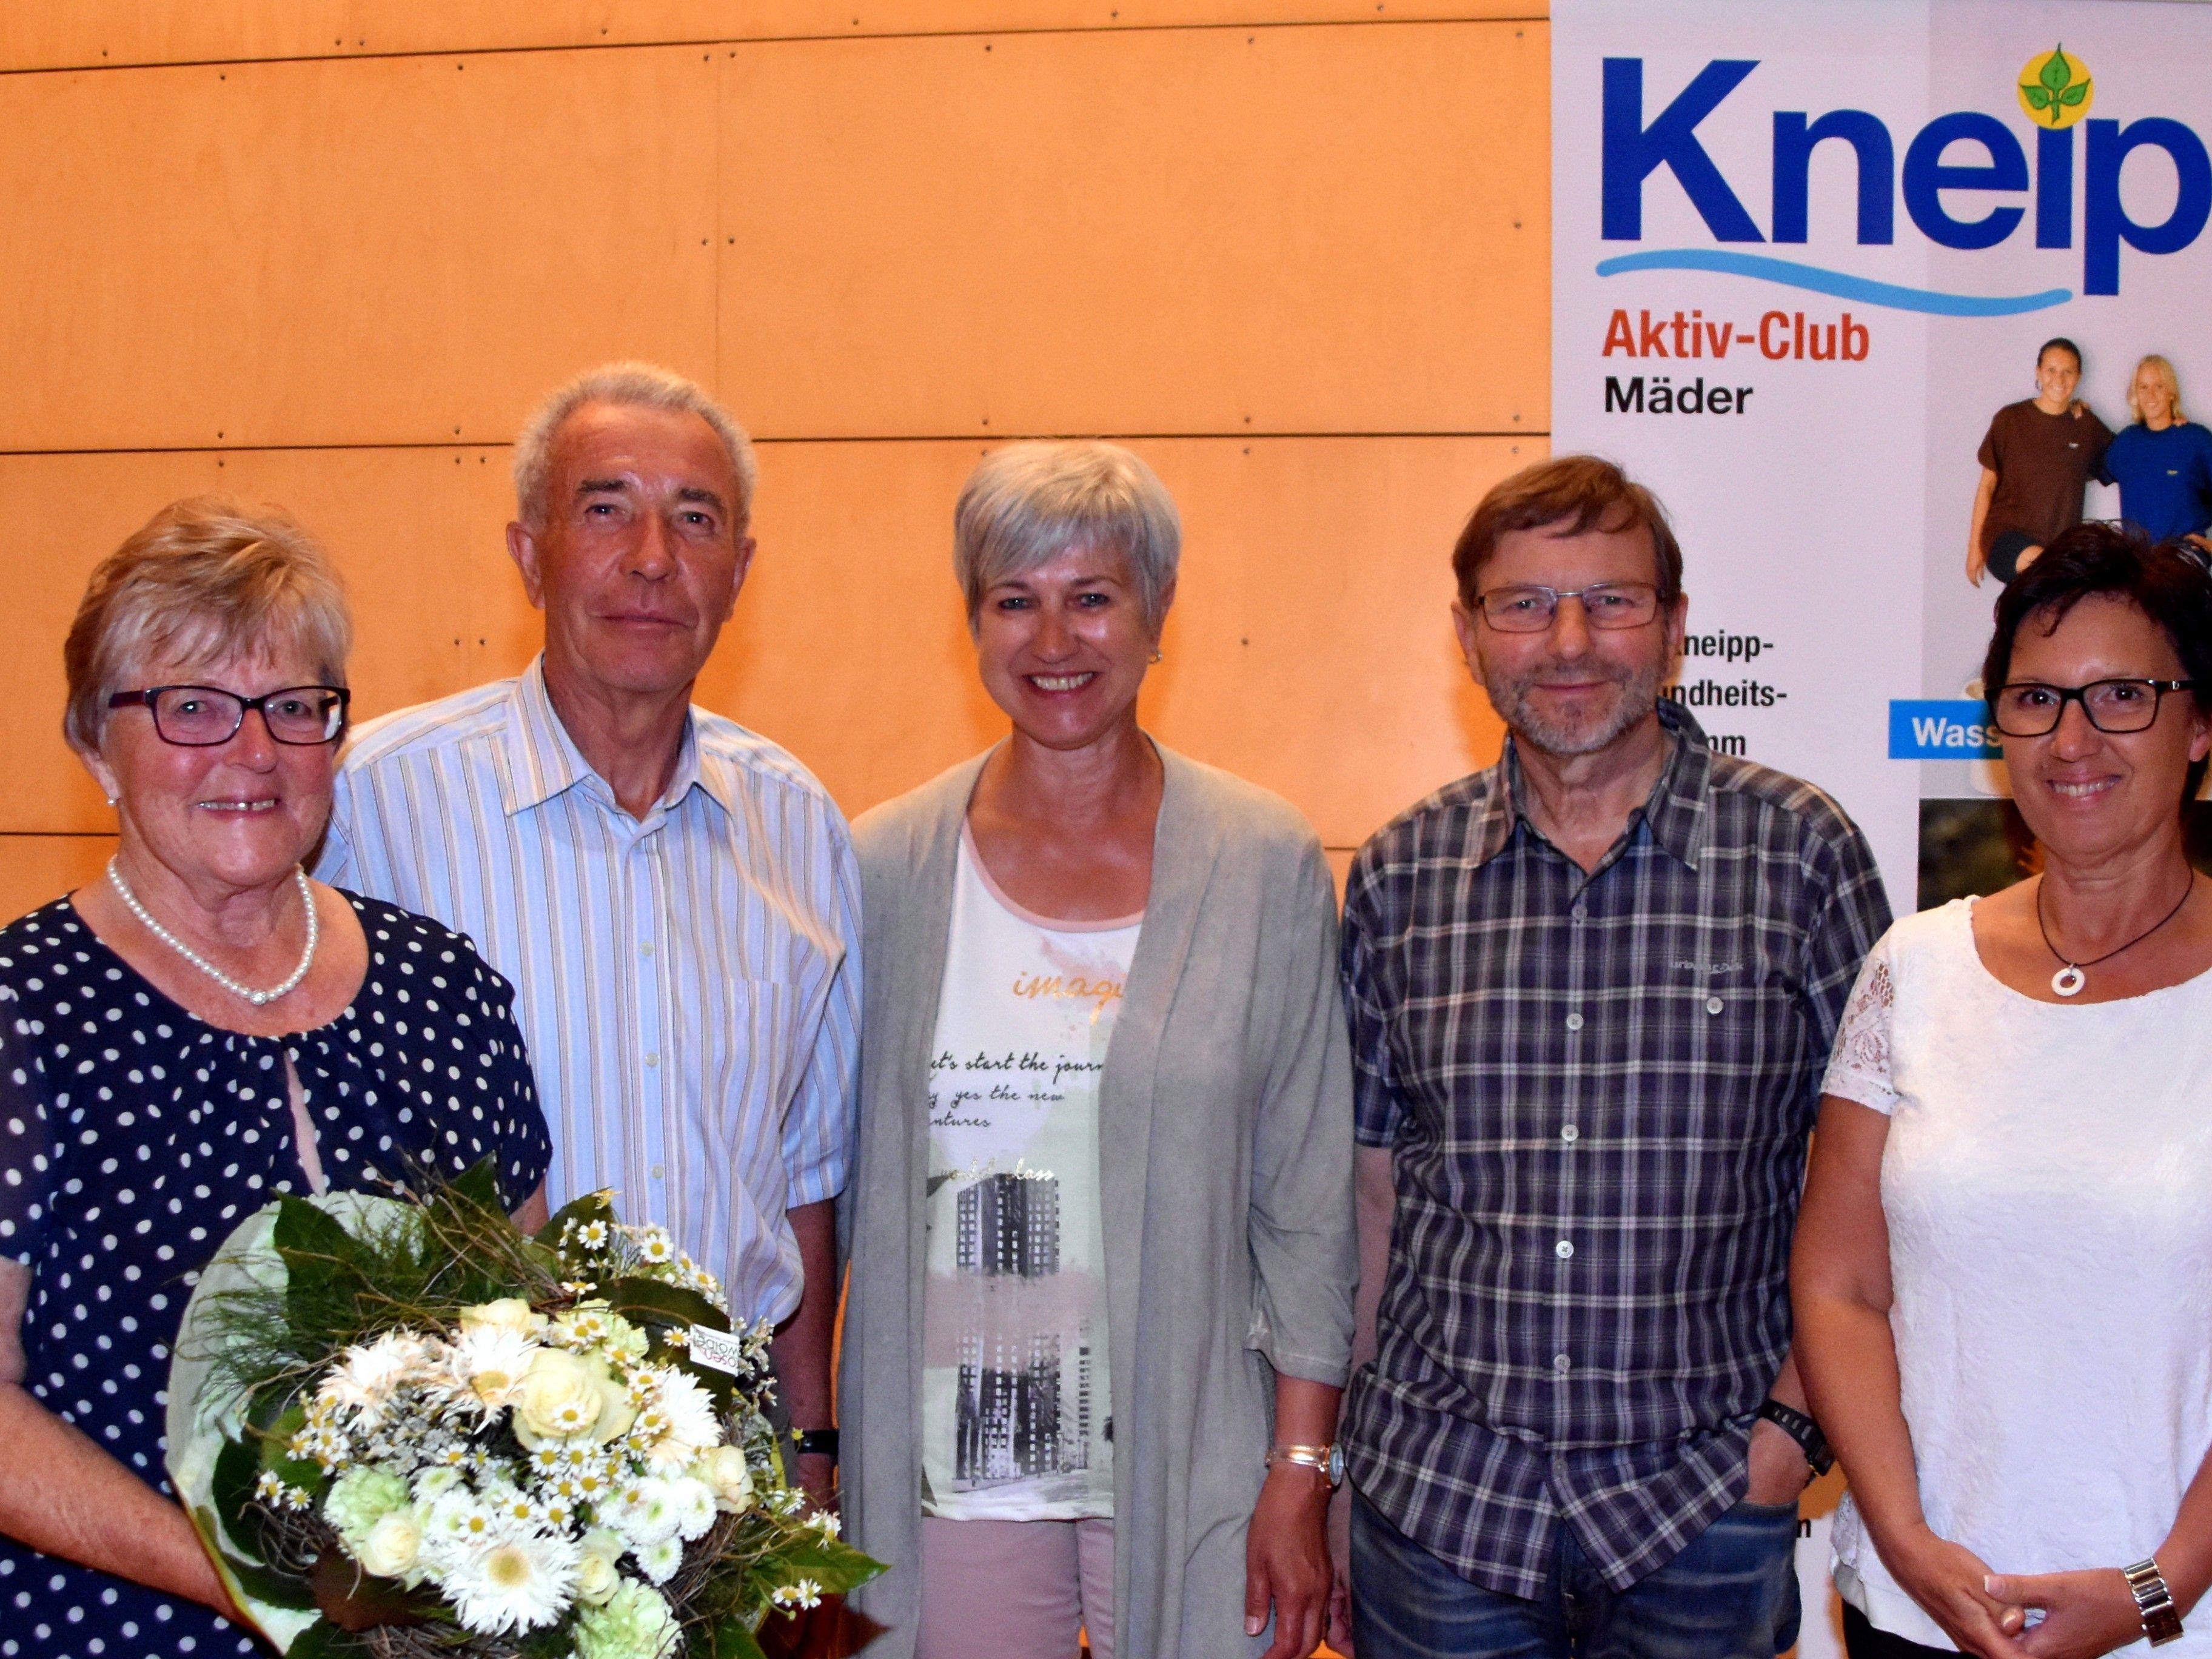 Neuer Vorstand: Irmgard Staudacher, Emil Pountner, Elisabeth Zerlauth, Günter Giesinger und Renate Mader